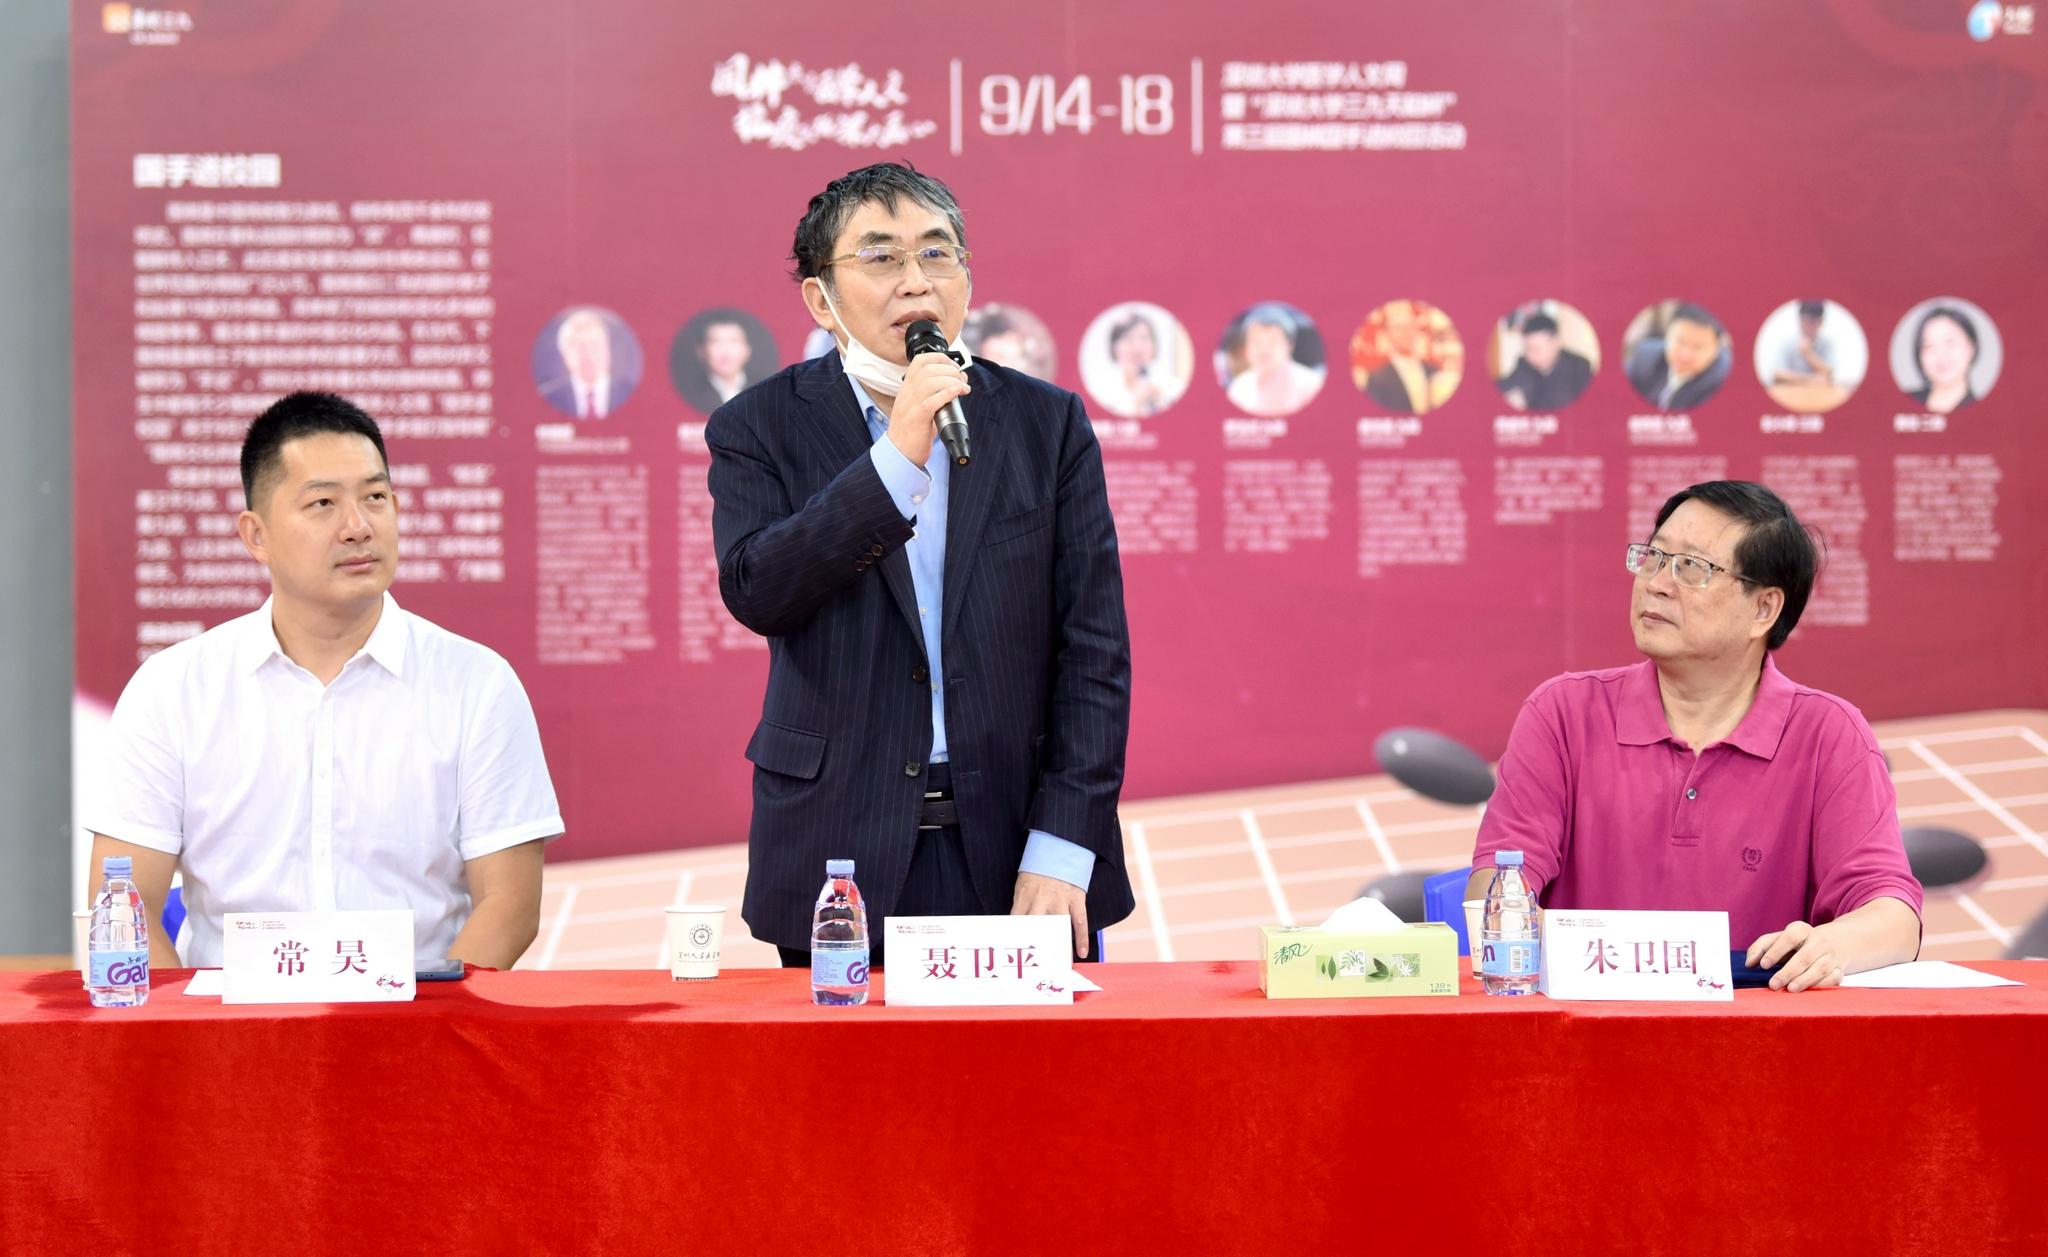 高清-深圳大学国手进校园